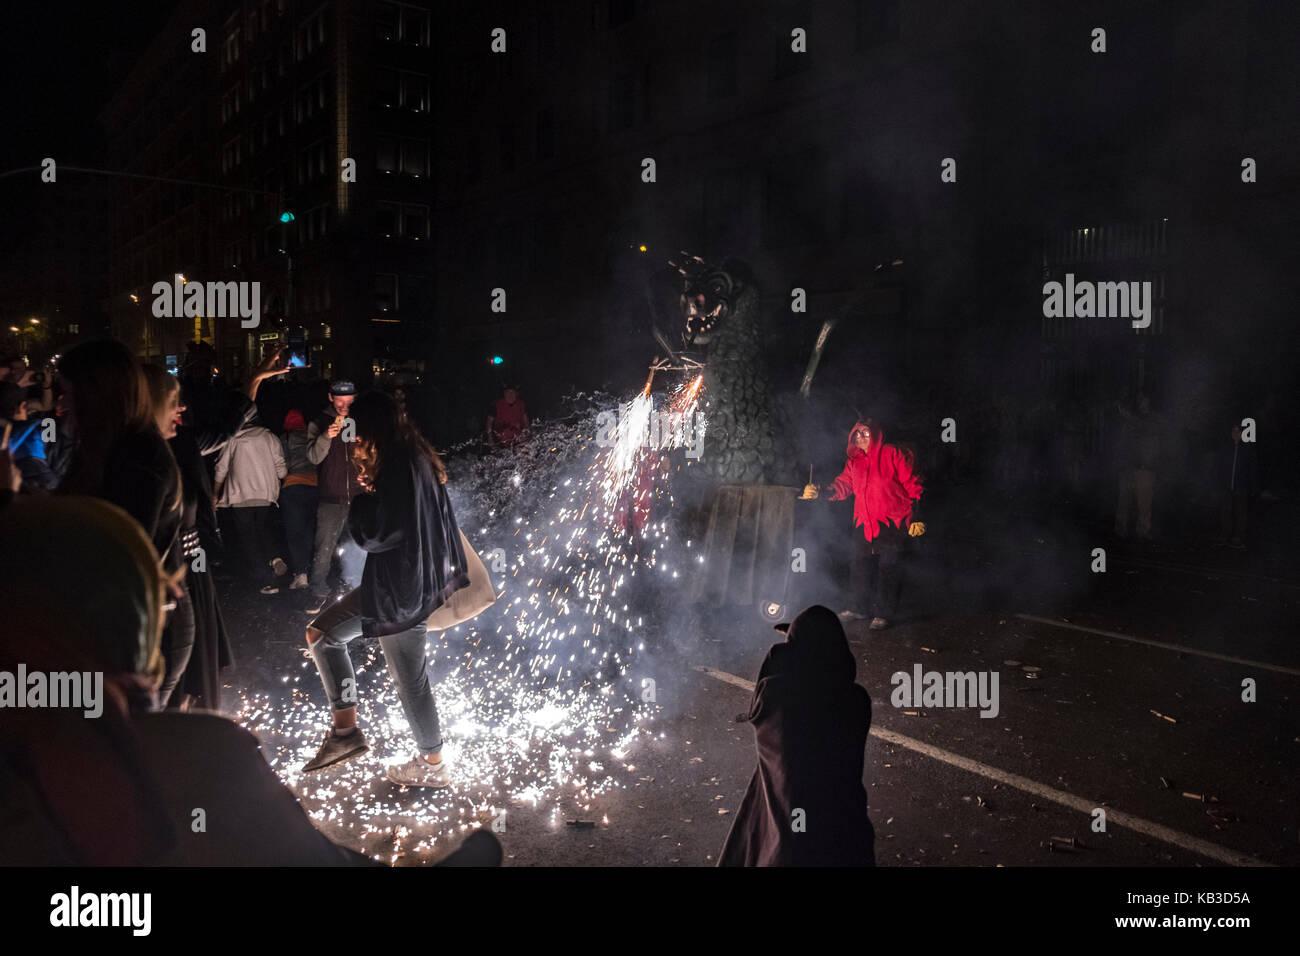 Correfocs sono tra le più suggestive caratteristiche presenti in catalano festival. In il correfoc, un gruppo Immagini Stock